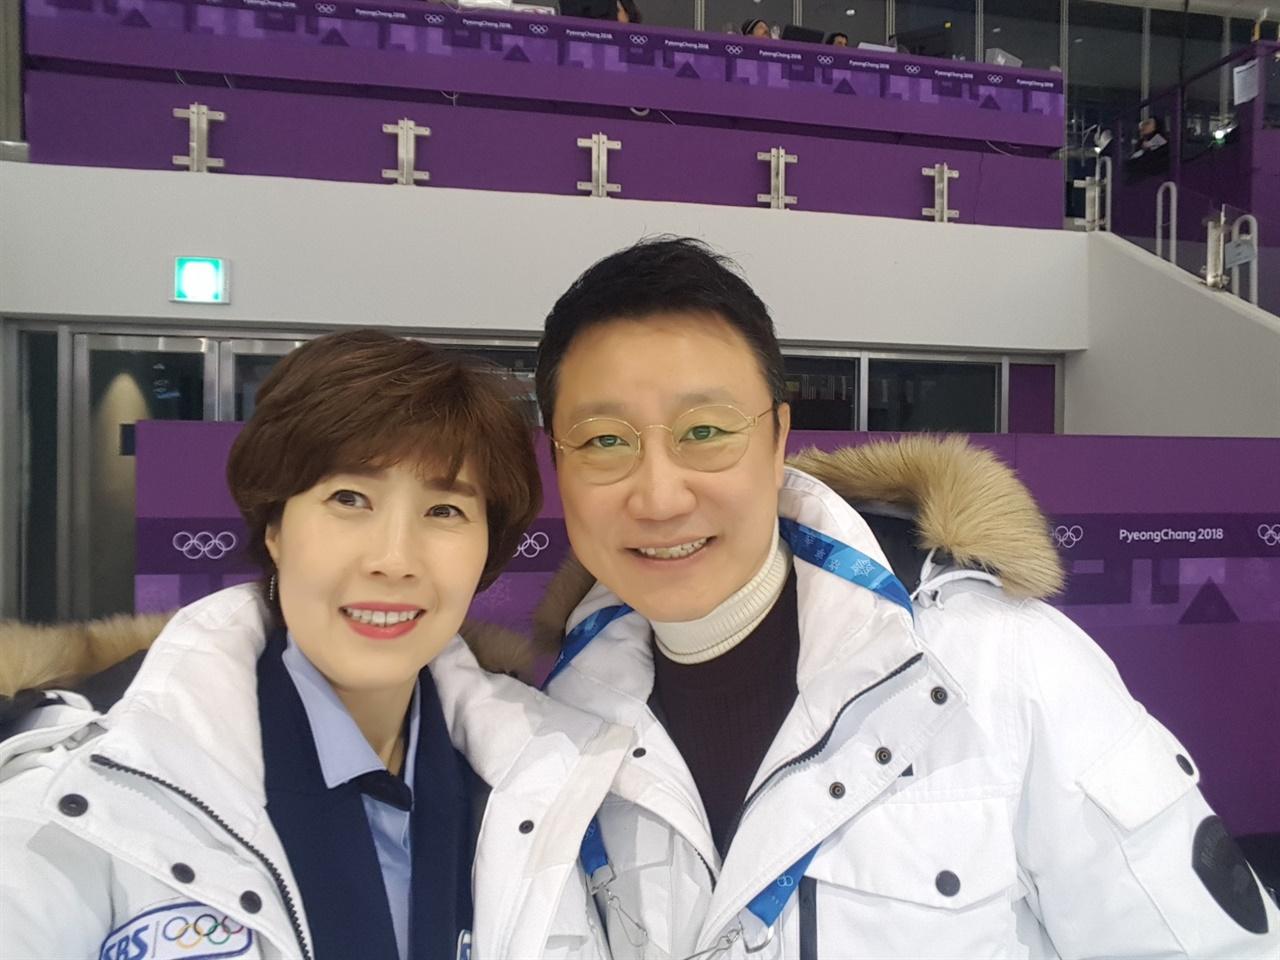 배기완 아나운서가 강릉 아이스 아레나에서 방상아 해설위원(왼쪽)과 함께 사진을 촬영했다.